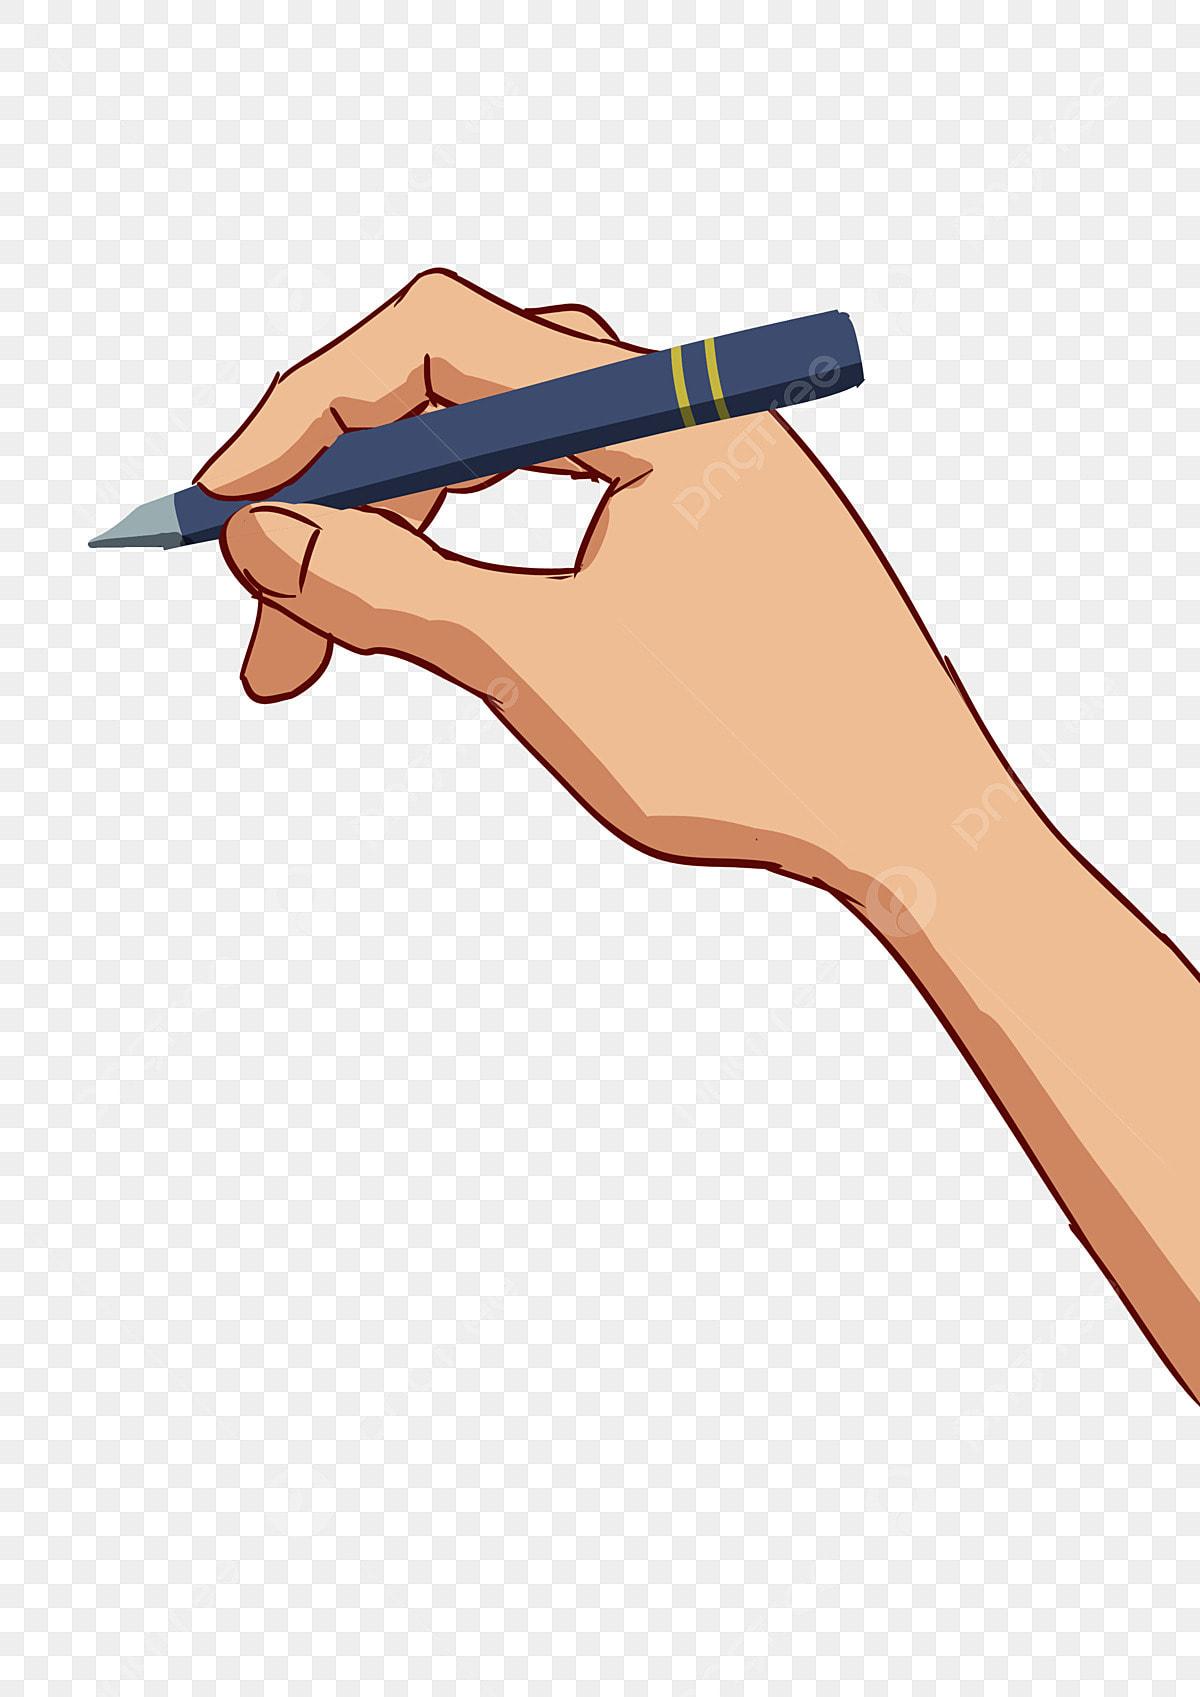 عقد القلم لفتة حركة اليد عقد عقد القلم لفتة حركة اليد Png وملف Psd للتحميل مجانا